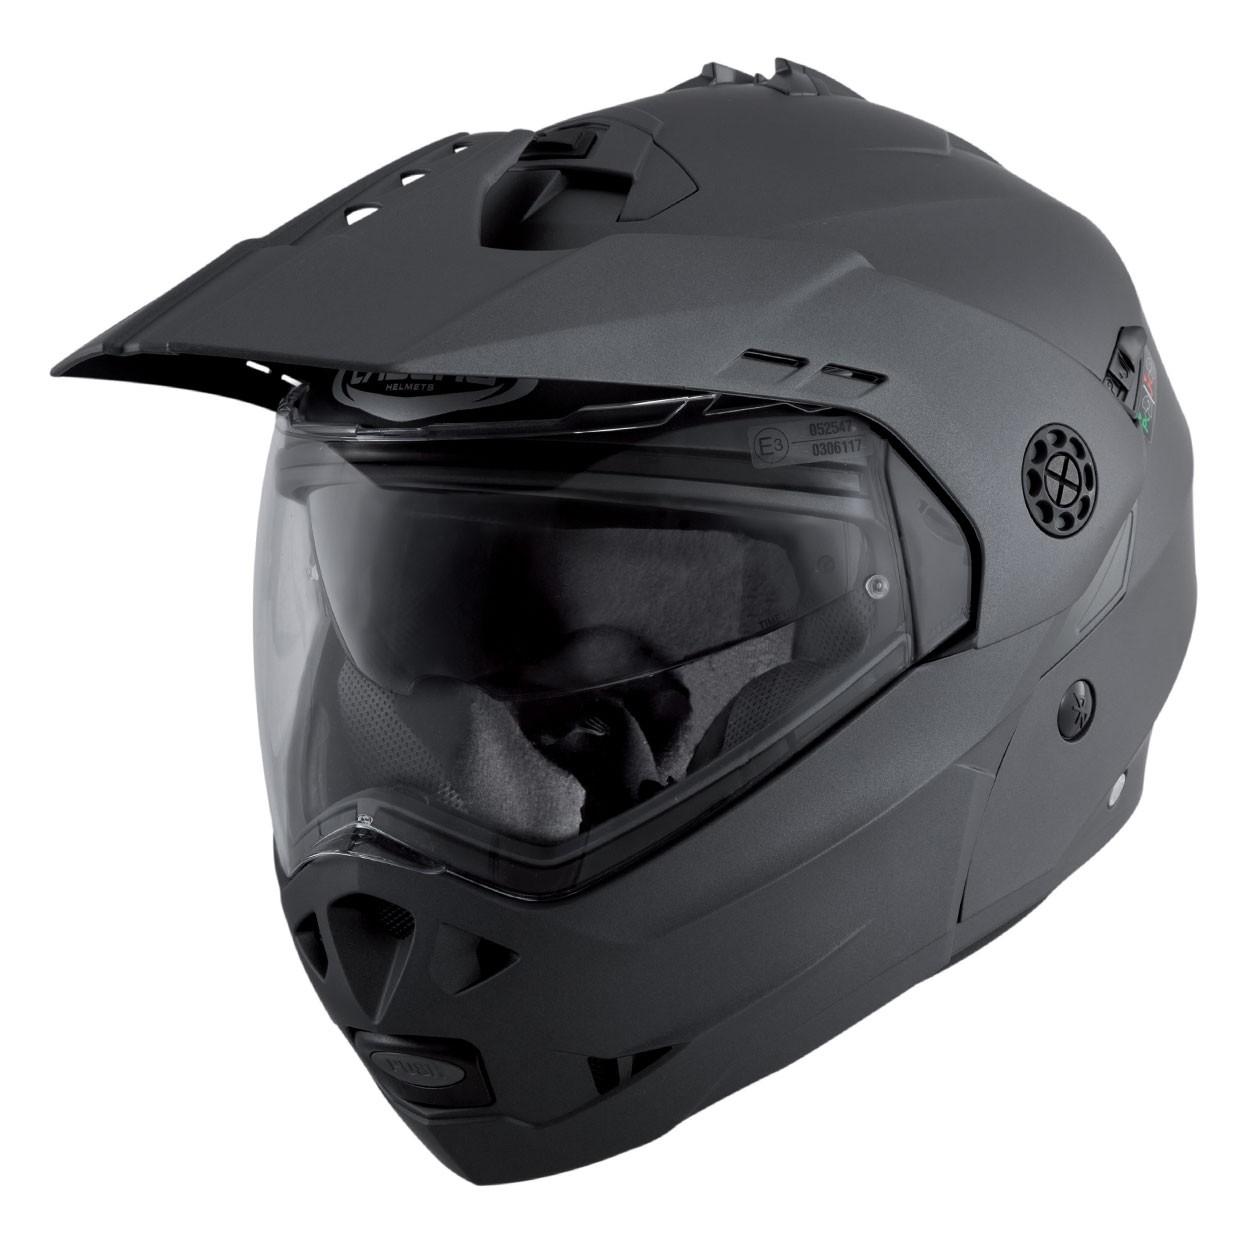 casco-caberg-tourmax-gris-titanio-mate